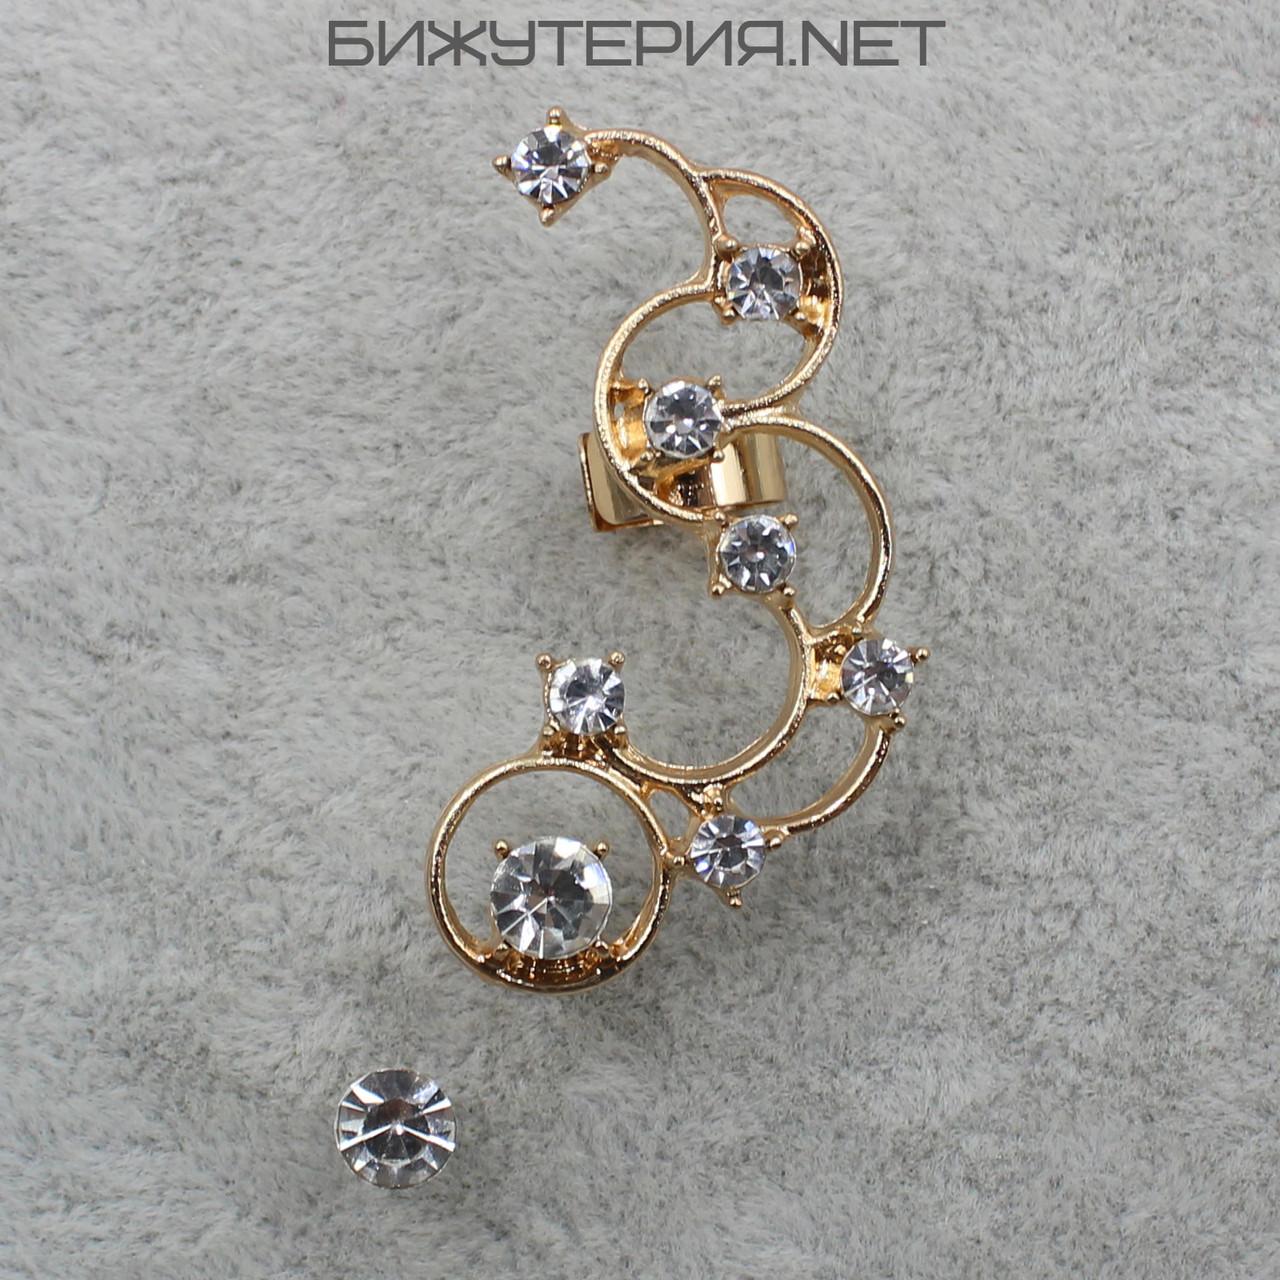 Серьги Каффы JB декорированы кристаллами  - 1064883983